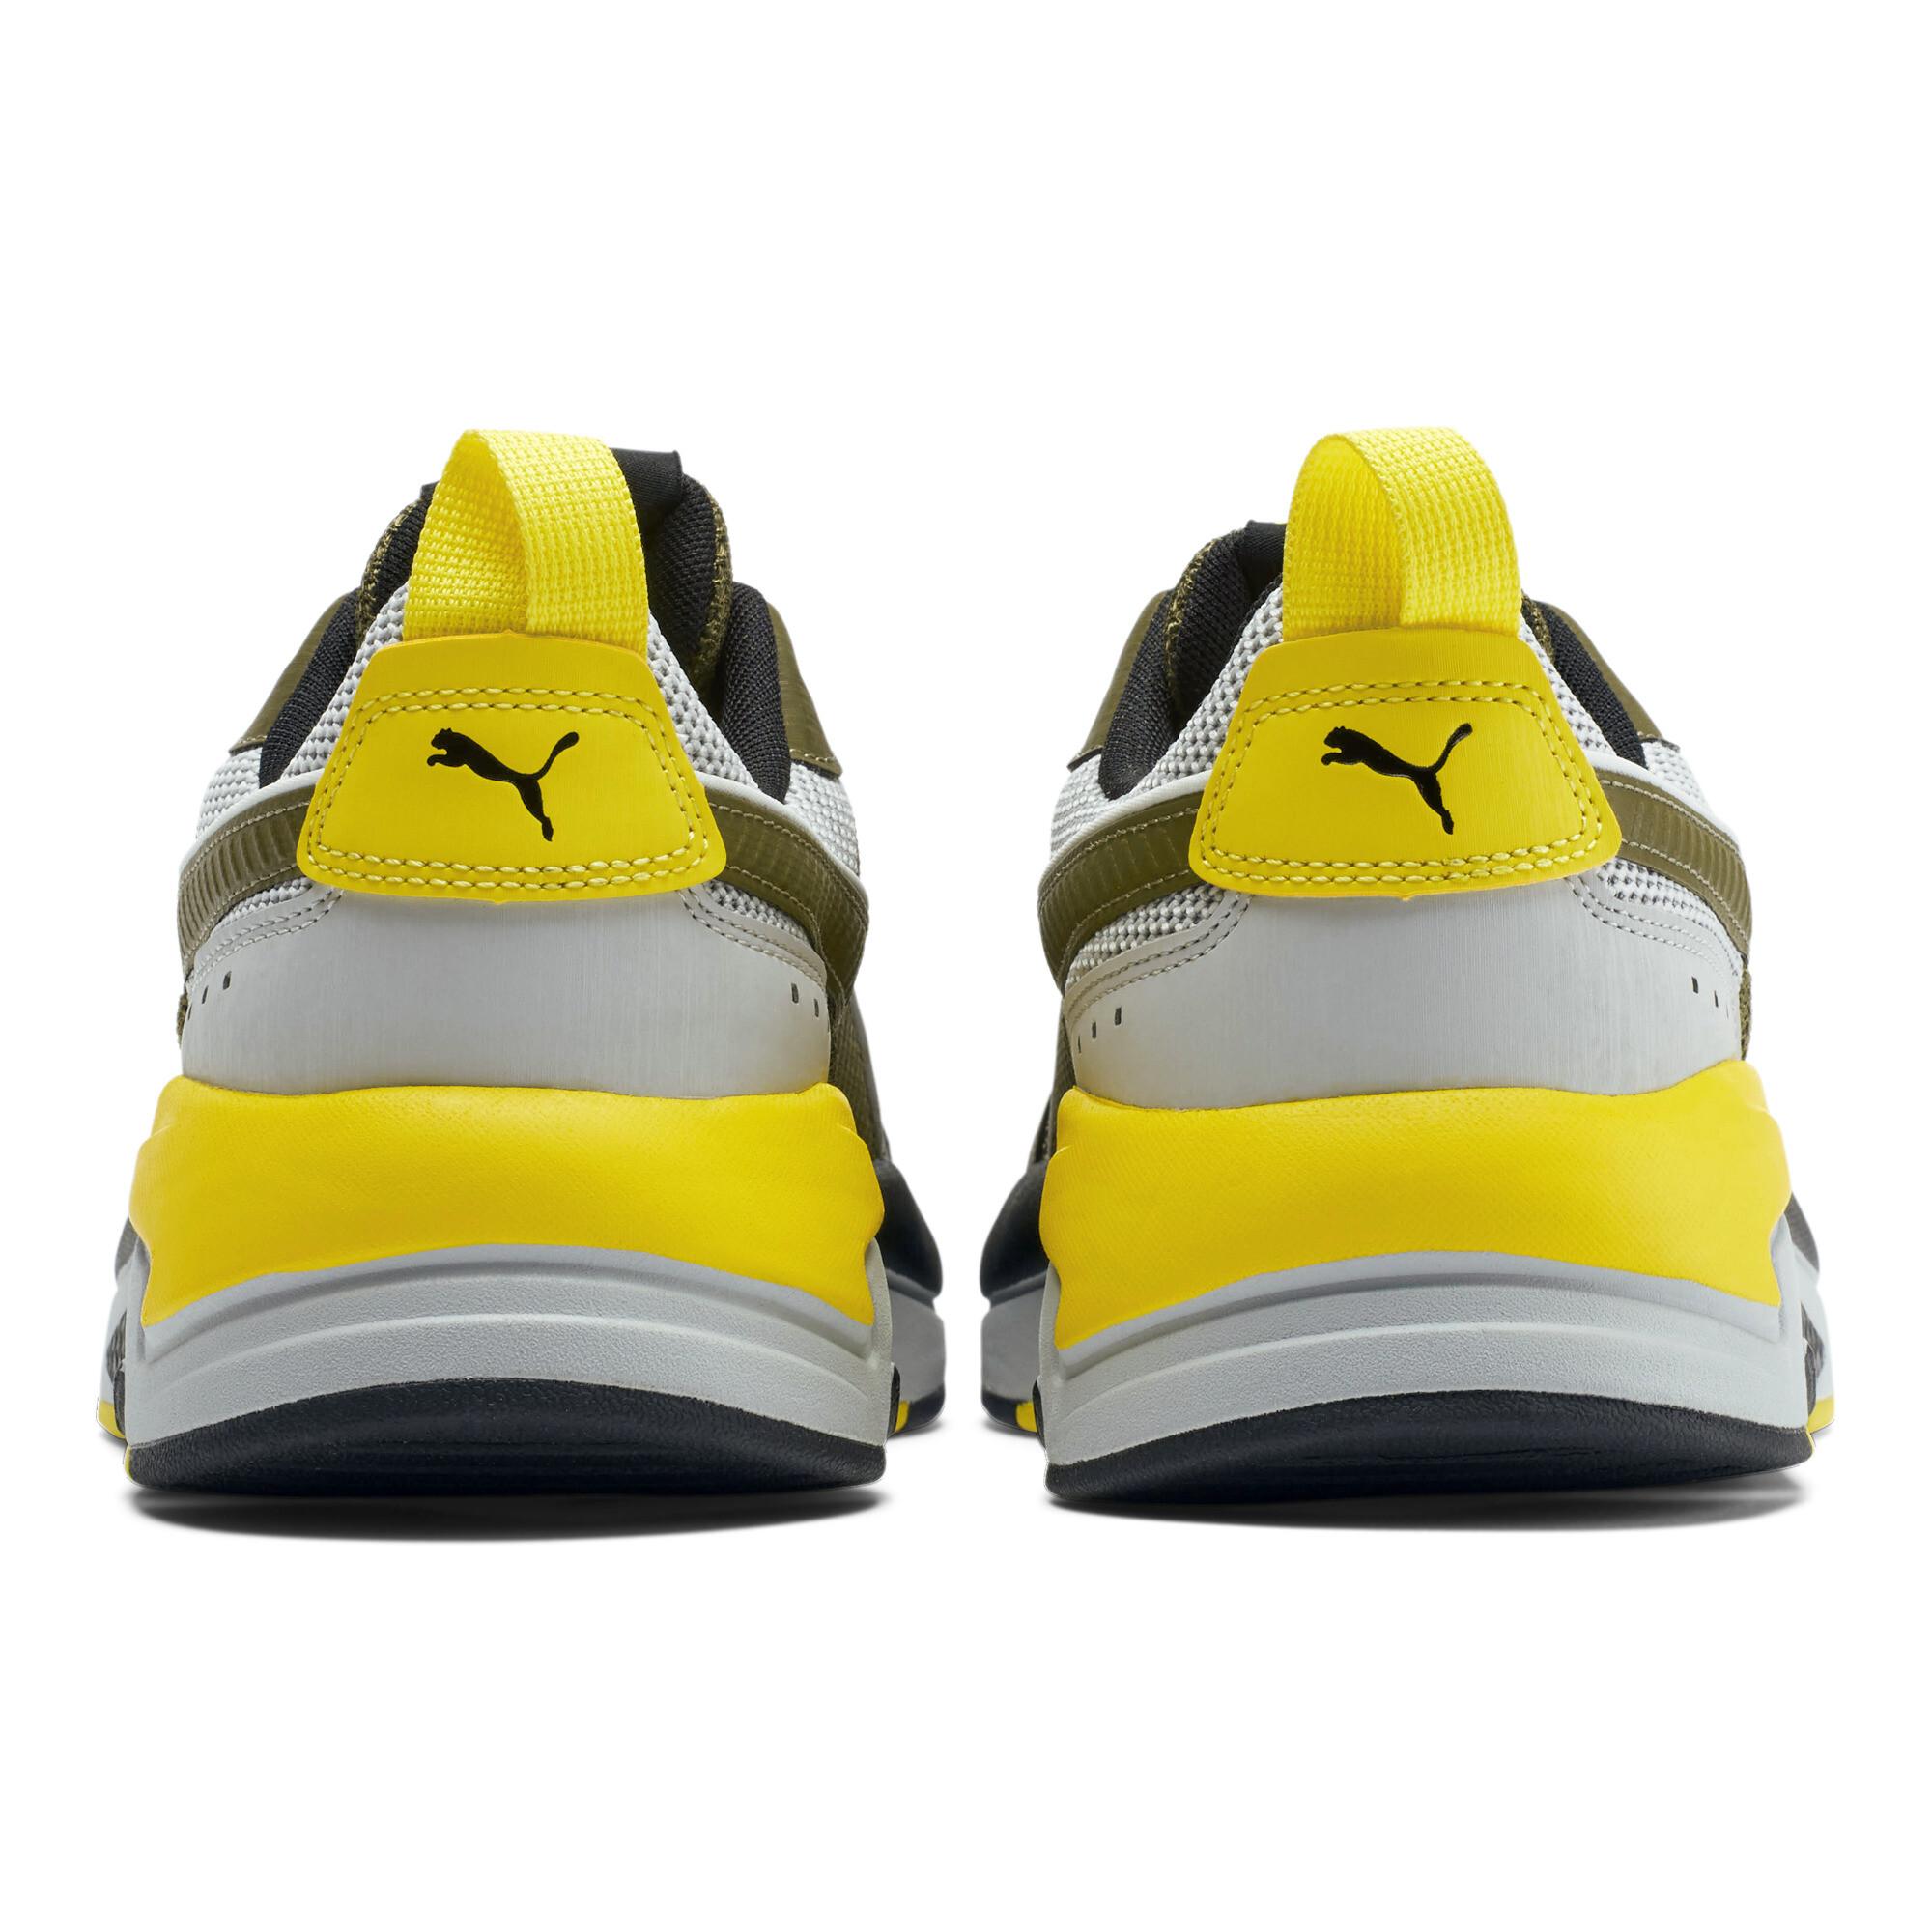 PUMA-X-RAY-Mesh-Men-039-s-Sneakers-Men-Shoe-Basics thumbnail 9